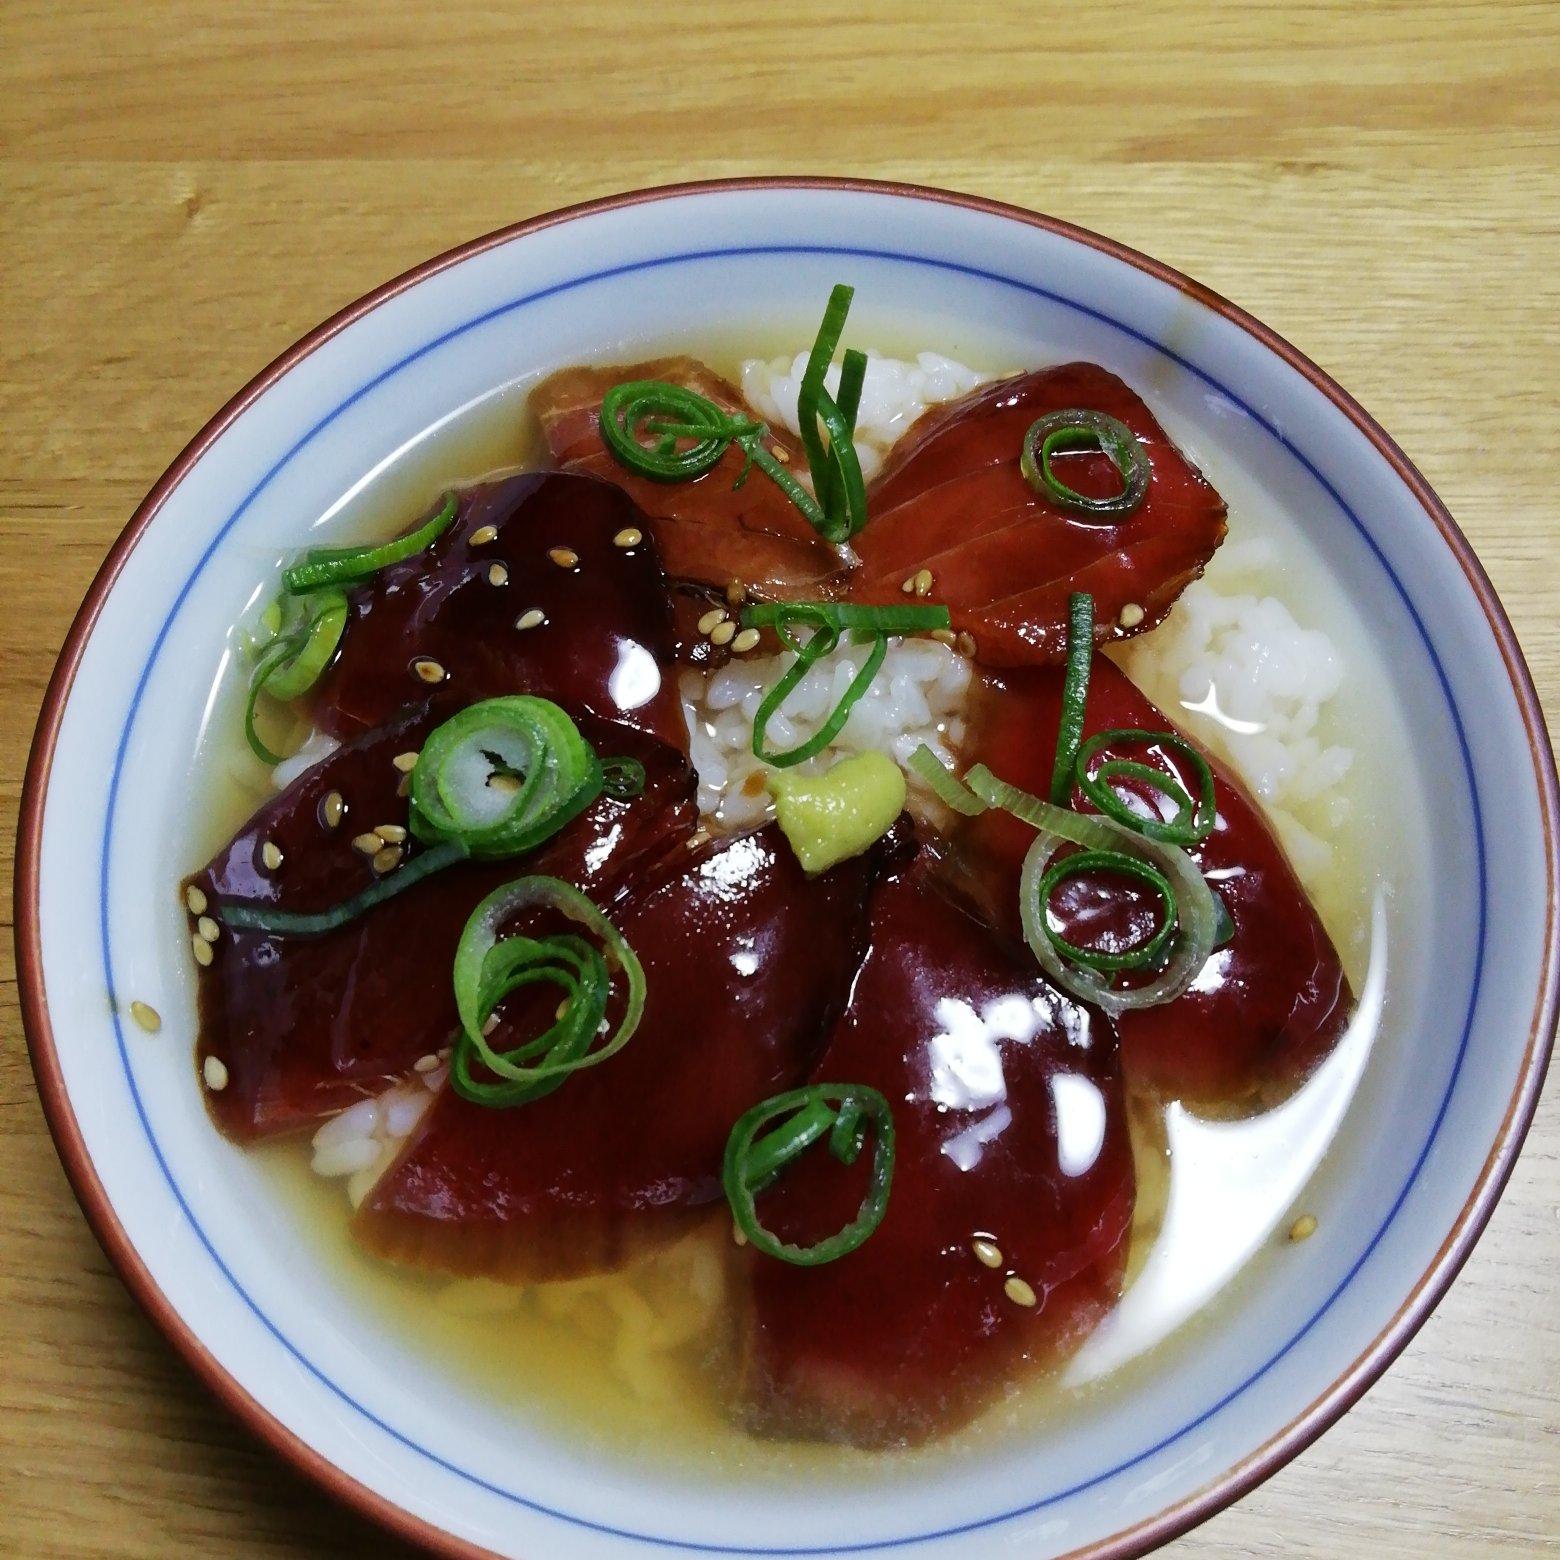 福漬(マグロ上物刺身の漬)120g×4 120g×4 魚介類/マグロ通販